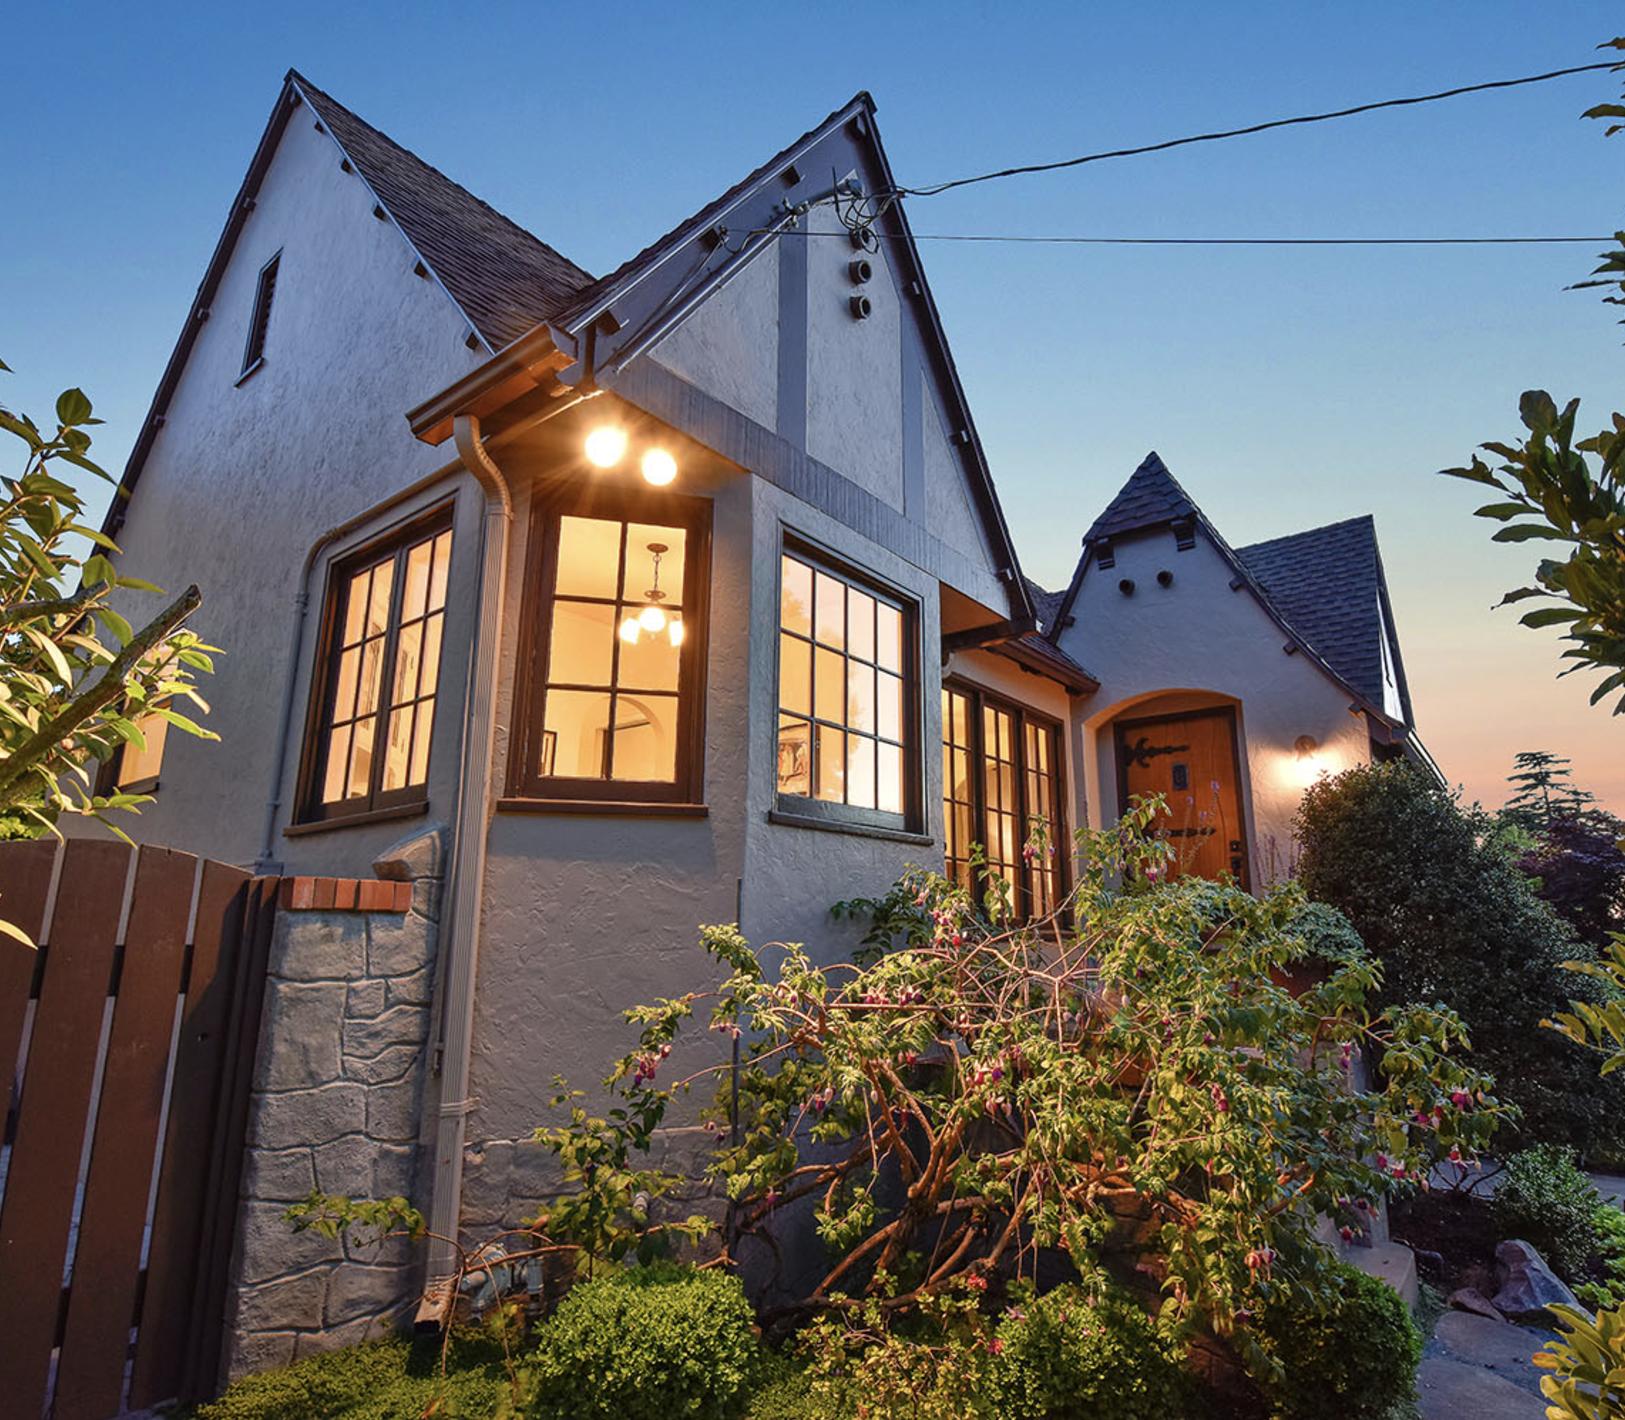 Curbed SF | May 2017 | Oakland storybook home asks $799K